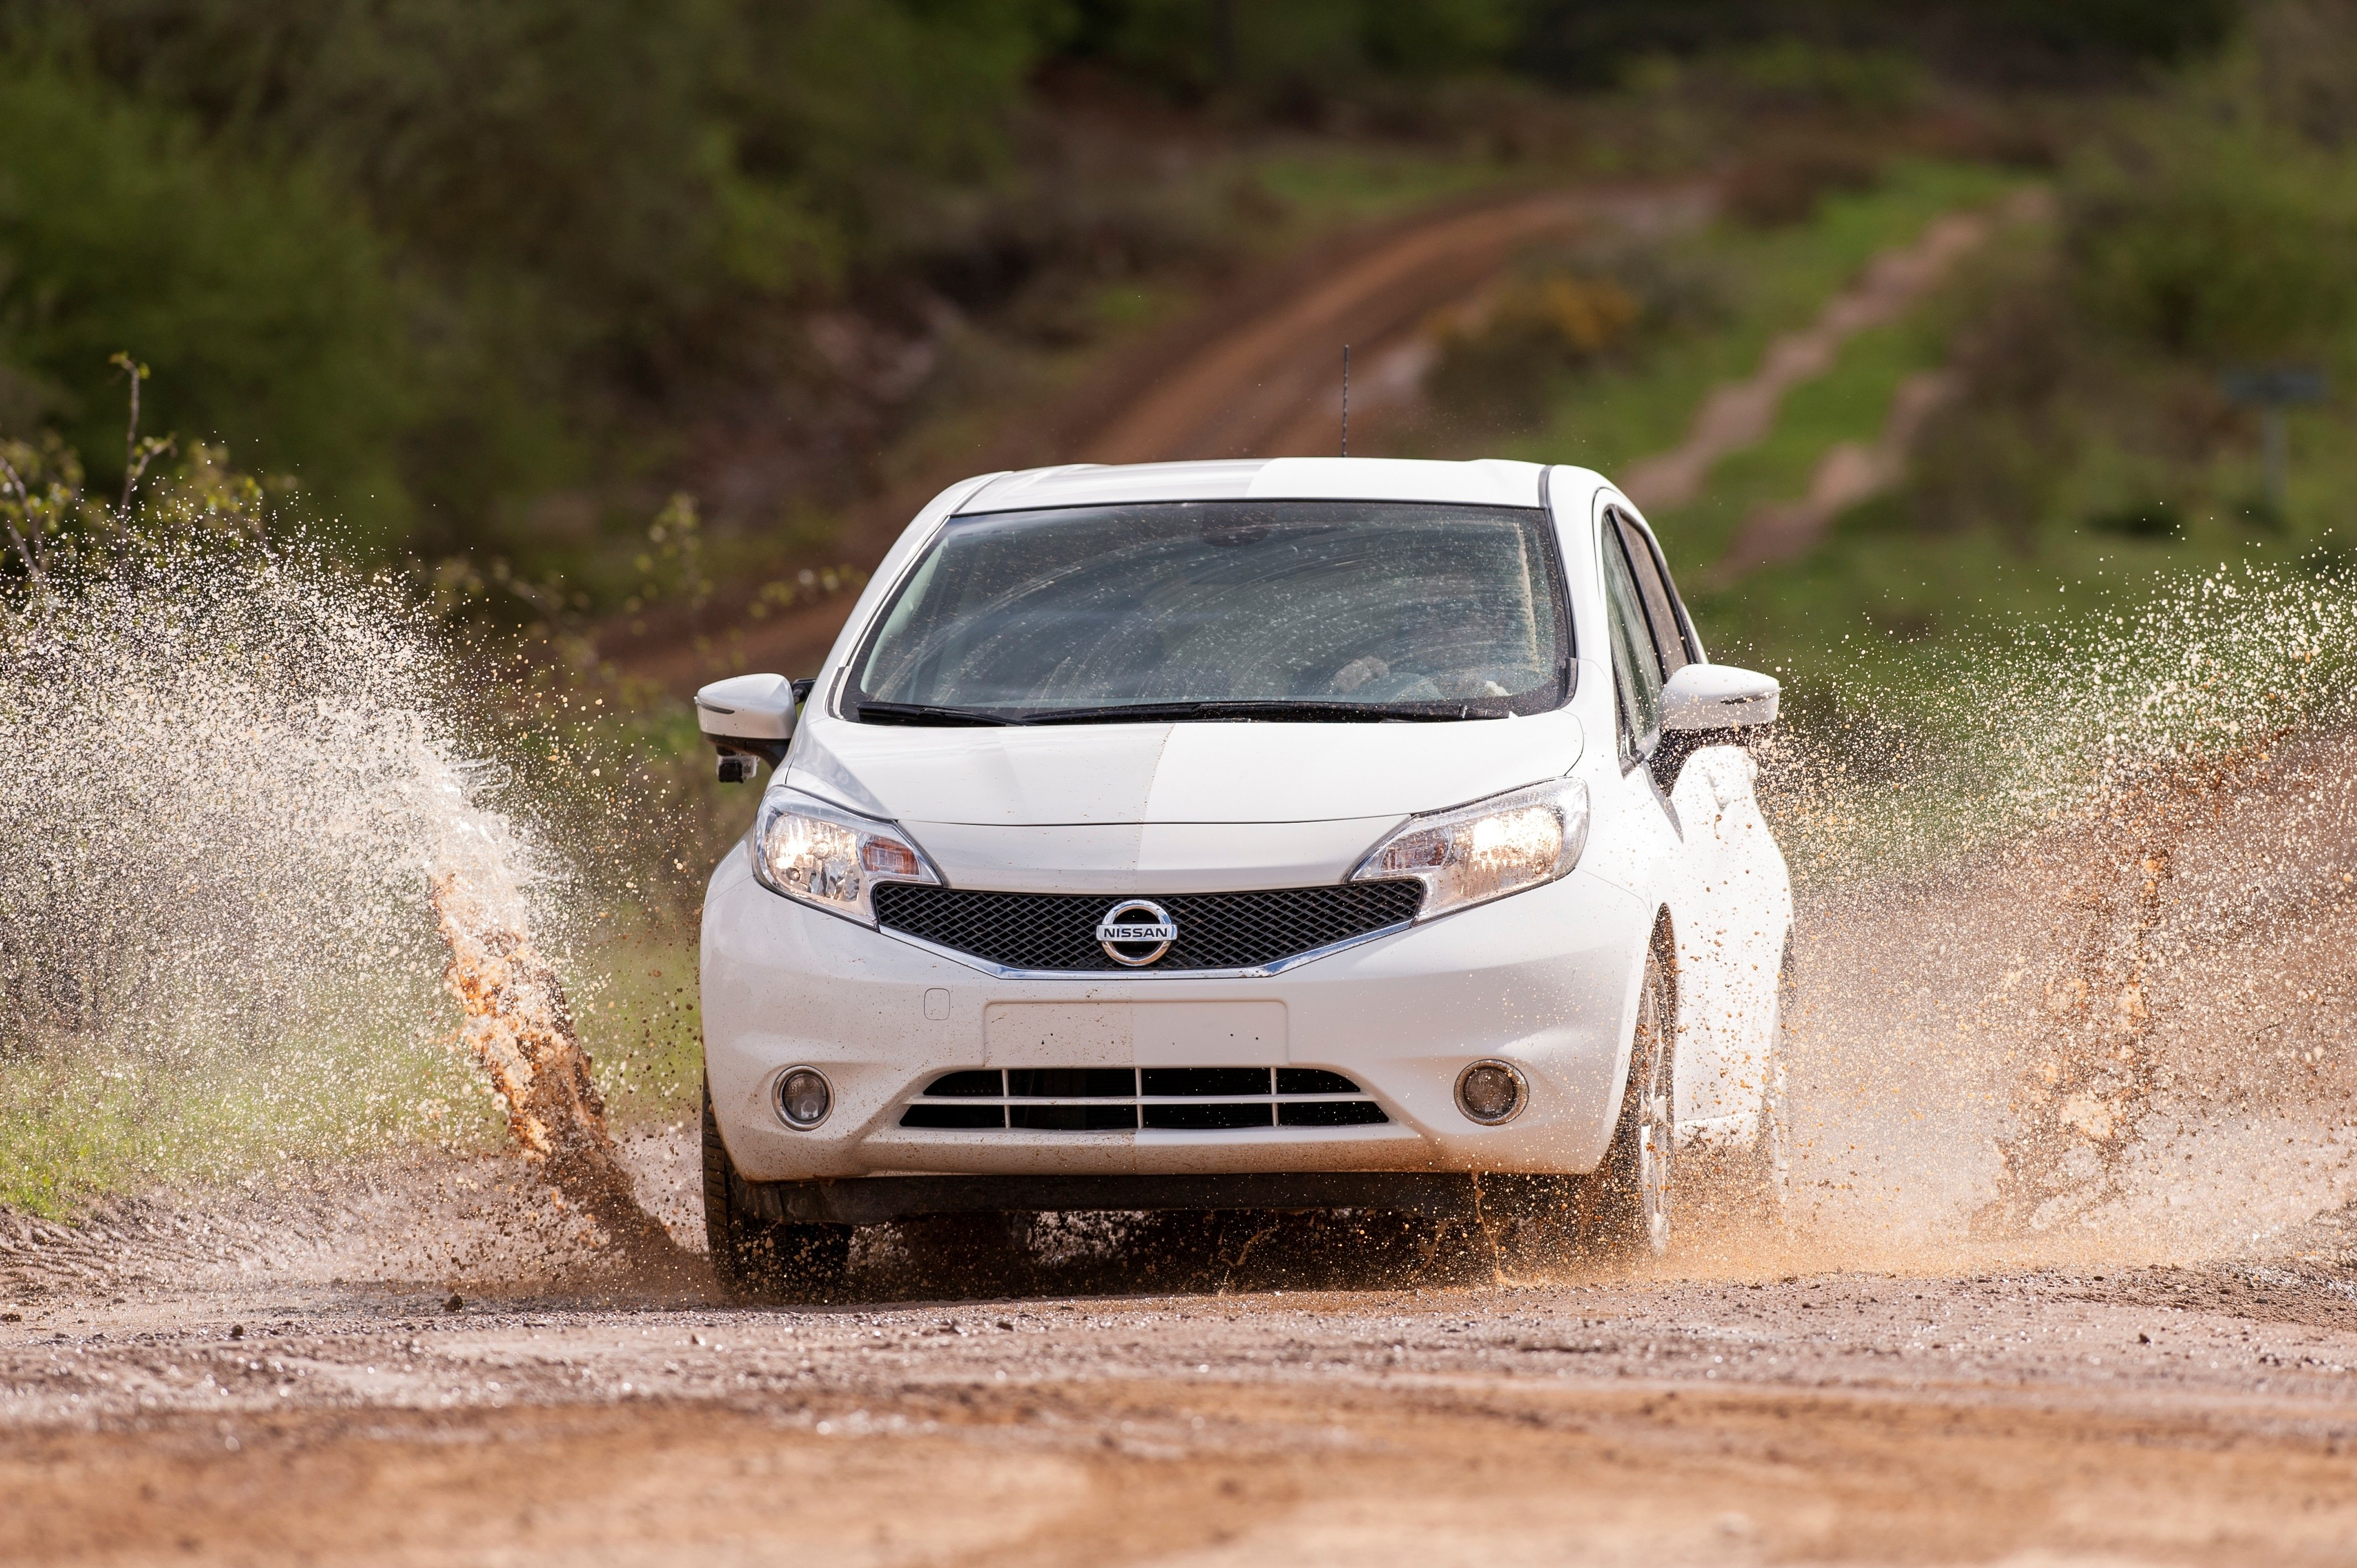 Nissan experimentiert mit einem Nanolack, auf dem Schmutz kaum haften bleibt. Fährt man durch eine Pfütze, soll der Wagen wieder sauber sein.